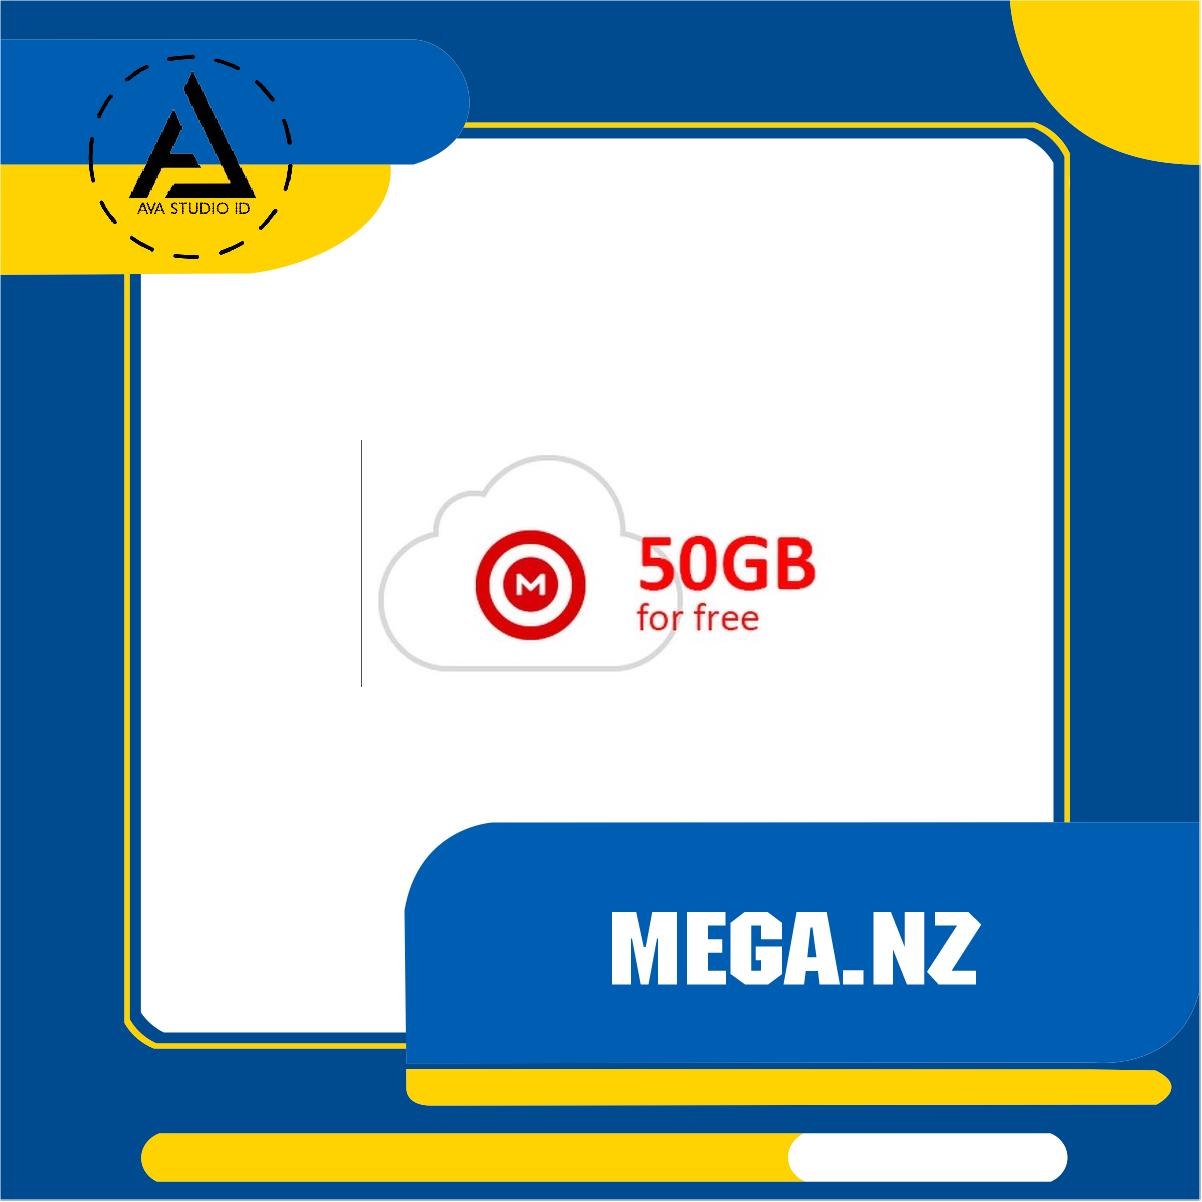 Get Free 50GB Storage Space With Mega Cloud Storage